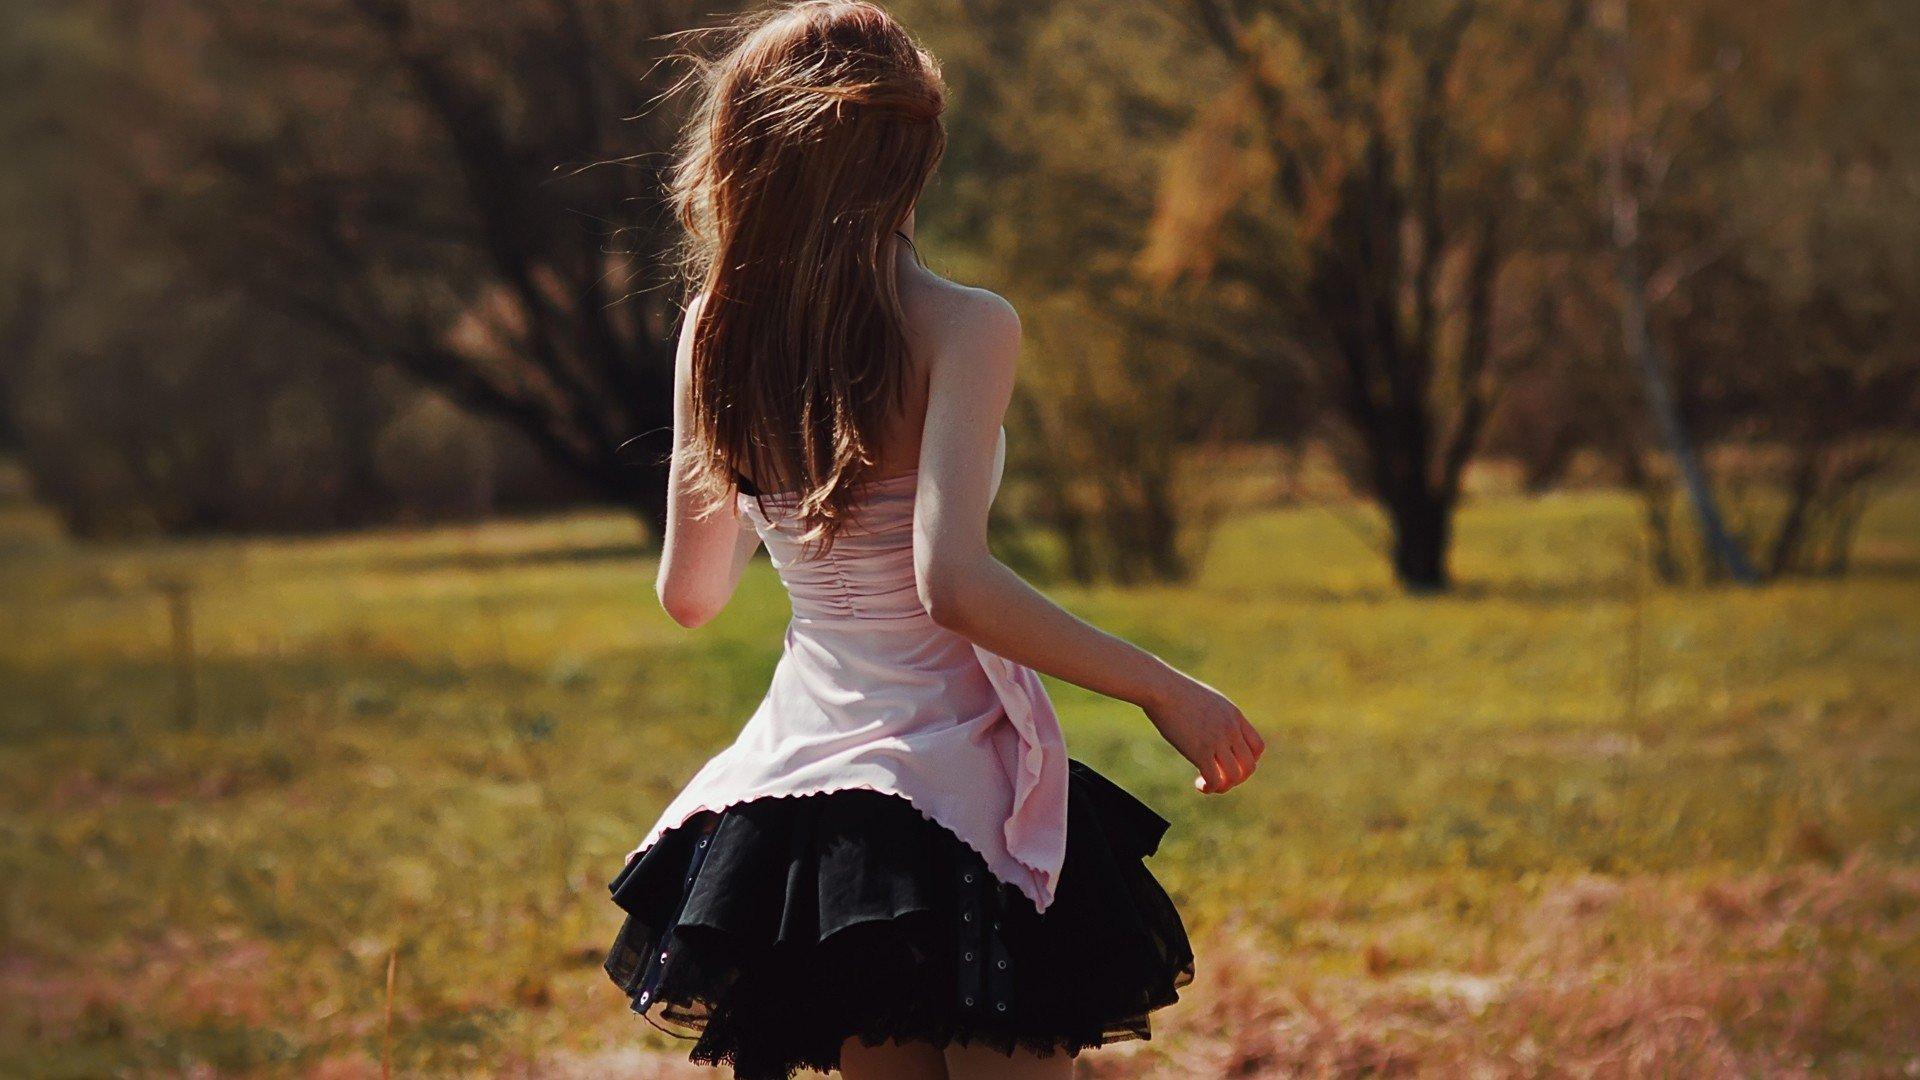 Фотография брюнеток зади, Фотки красивых девушек брюнеток сзади 1 фотография